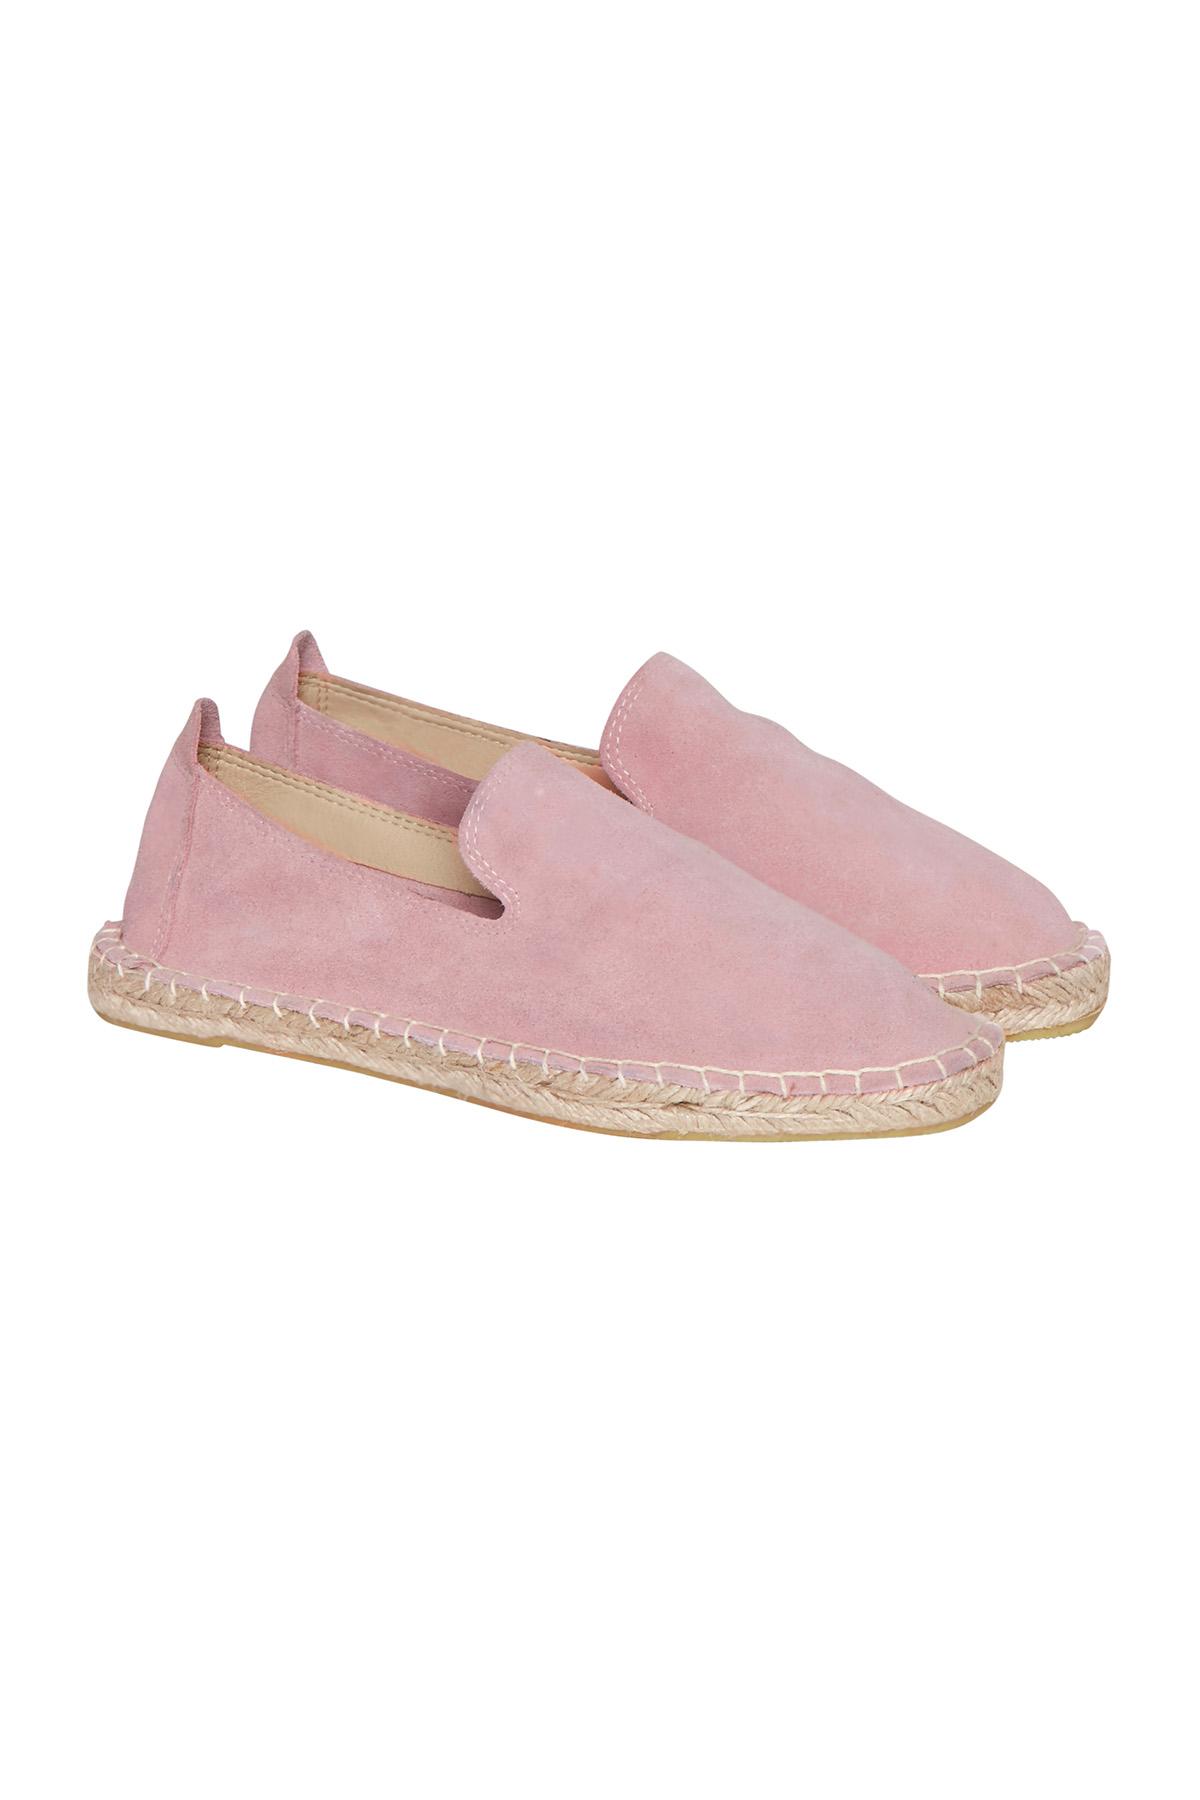 Pink Skor från Ichi - accessories – Köp Pink Skor från stl. 36-42 här